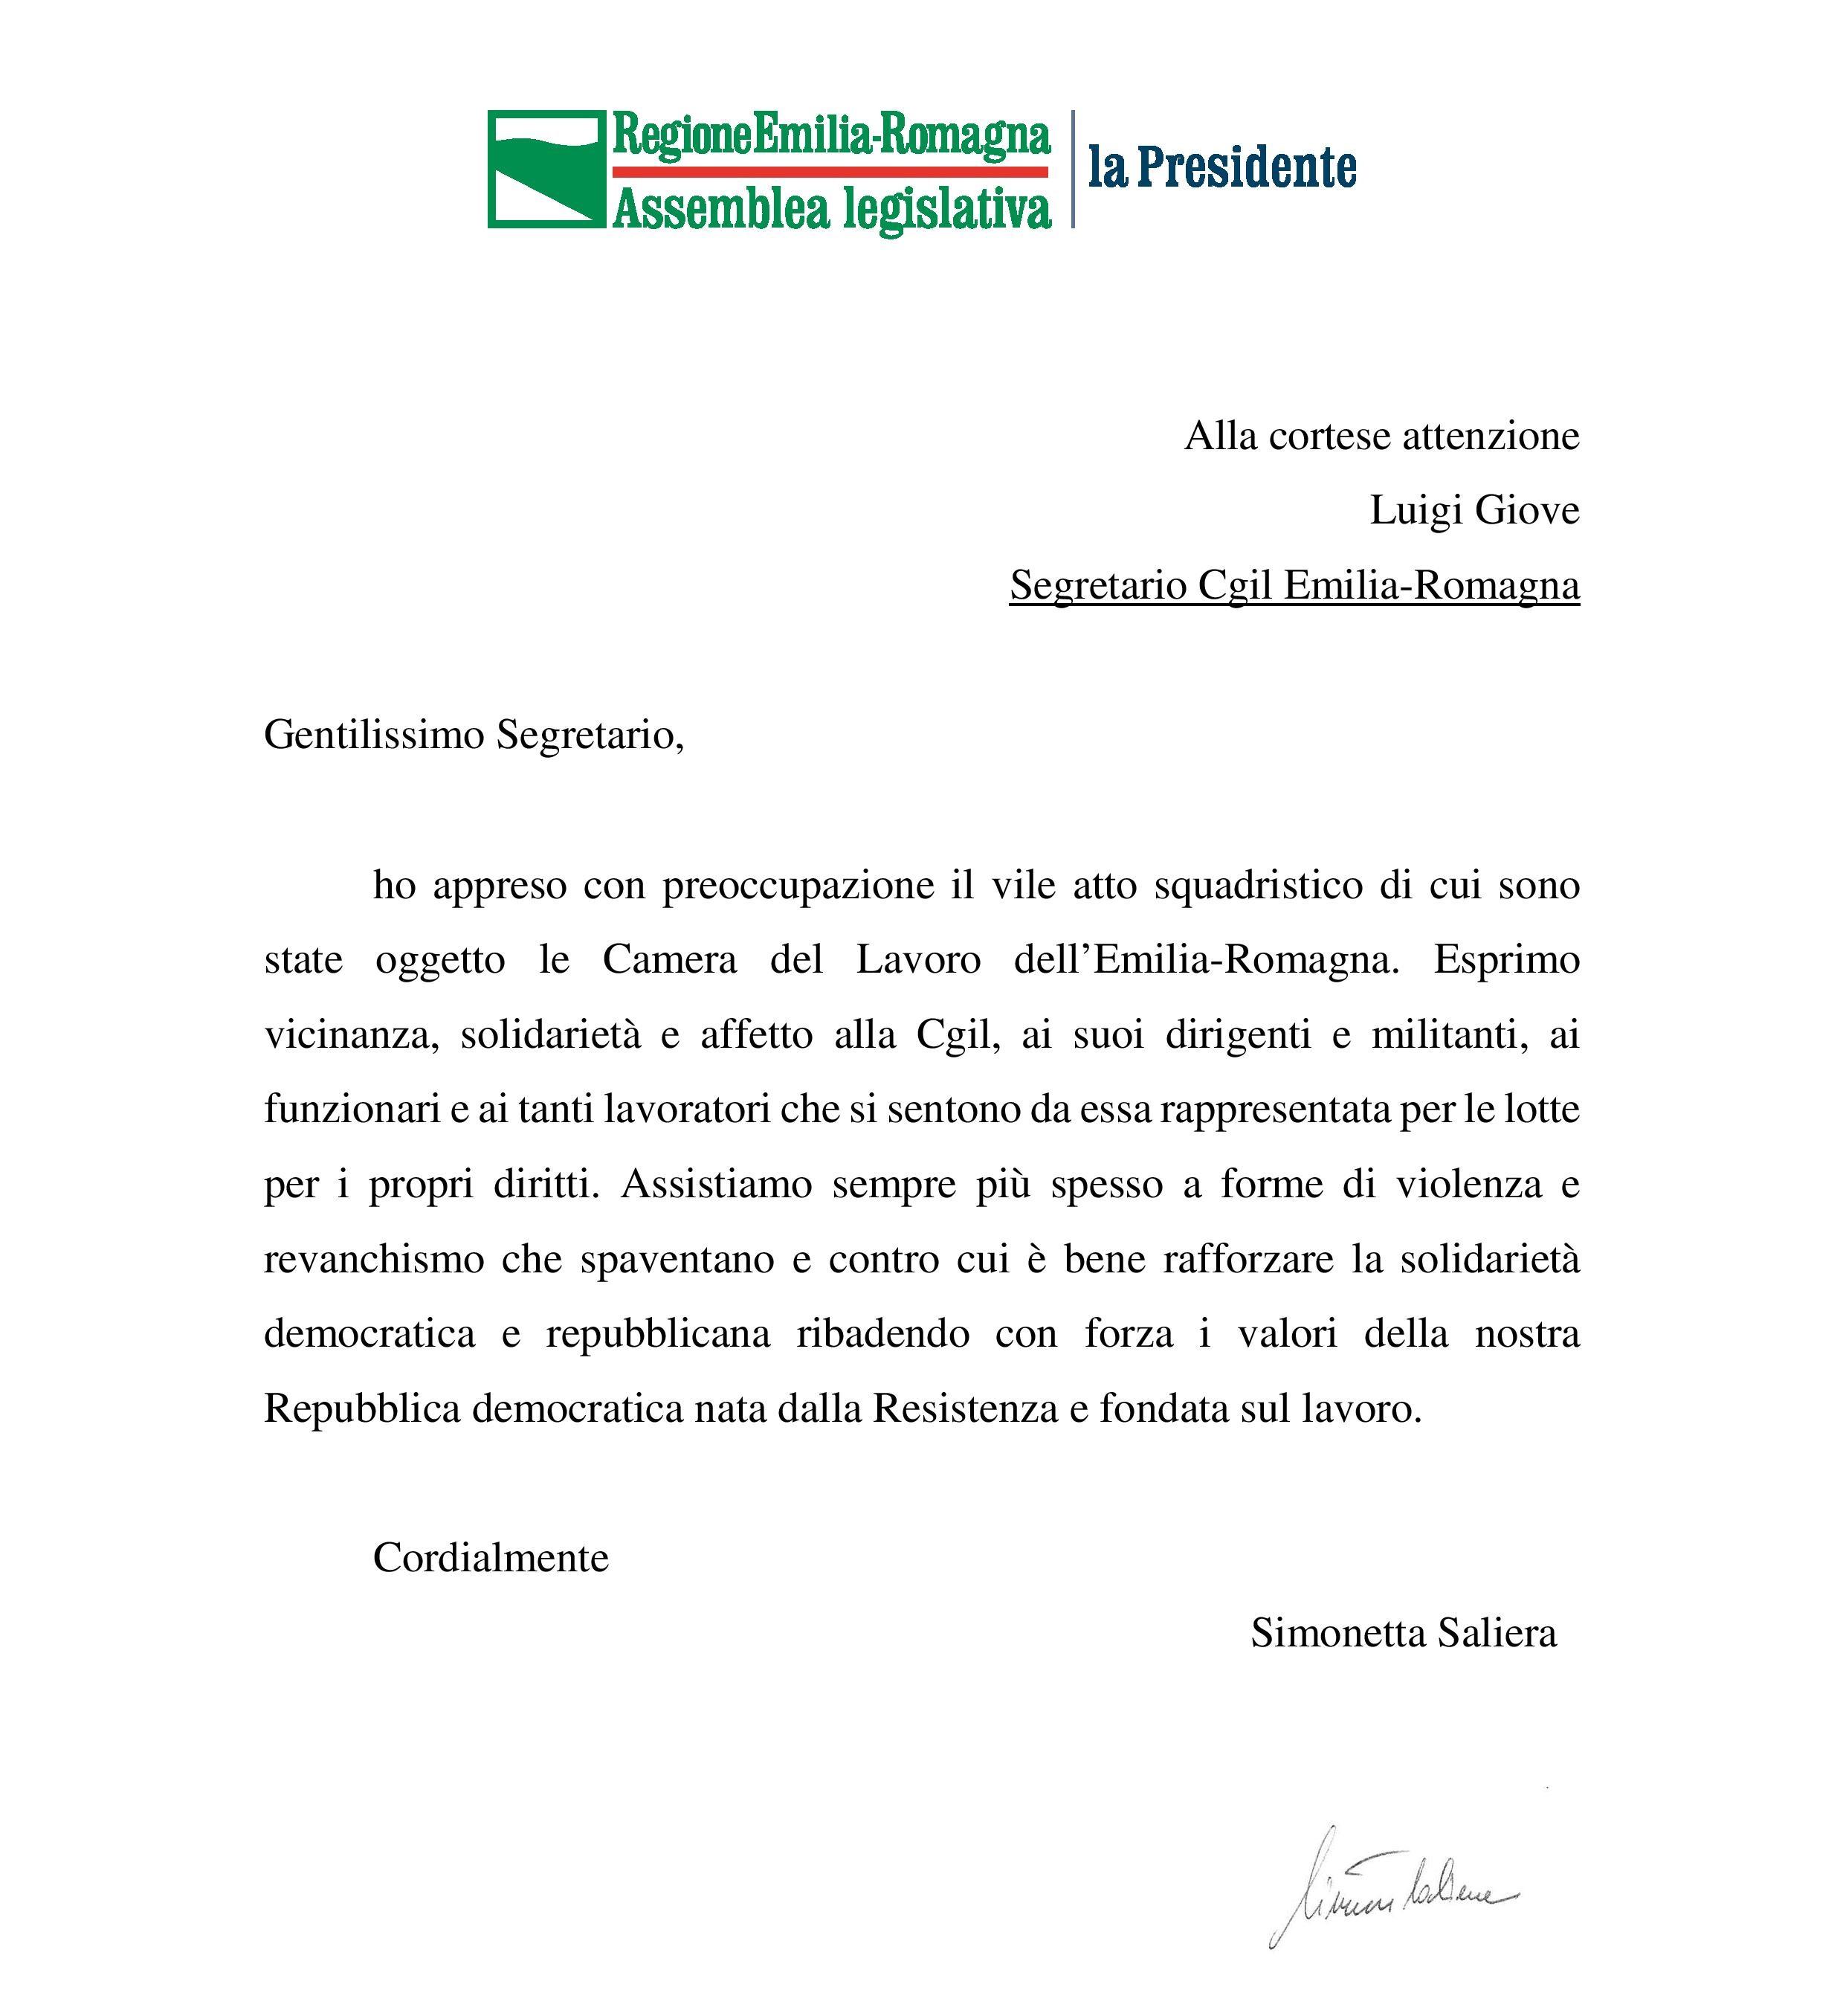 Lettera di solidarietà del Presidente Assemblea legislativa ER